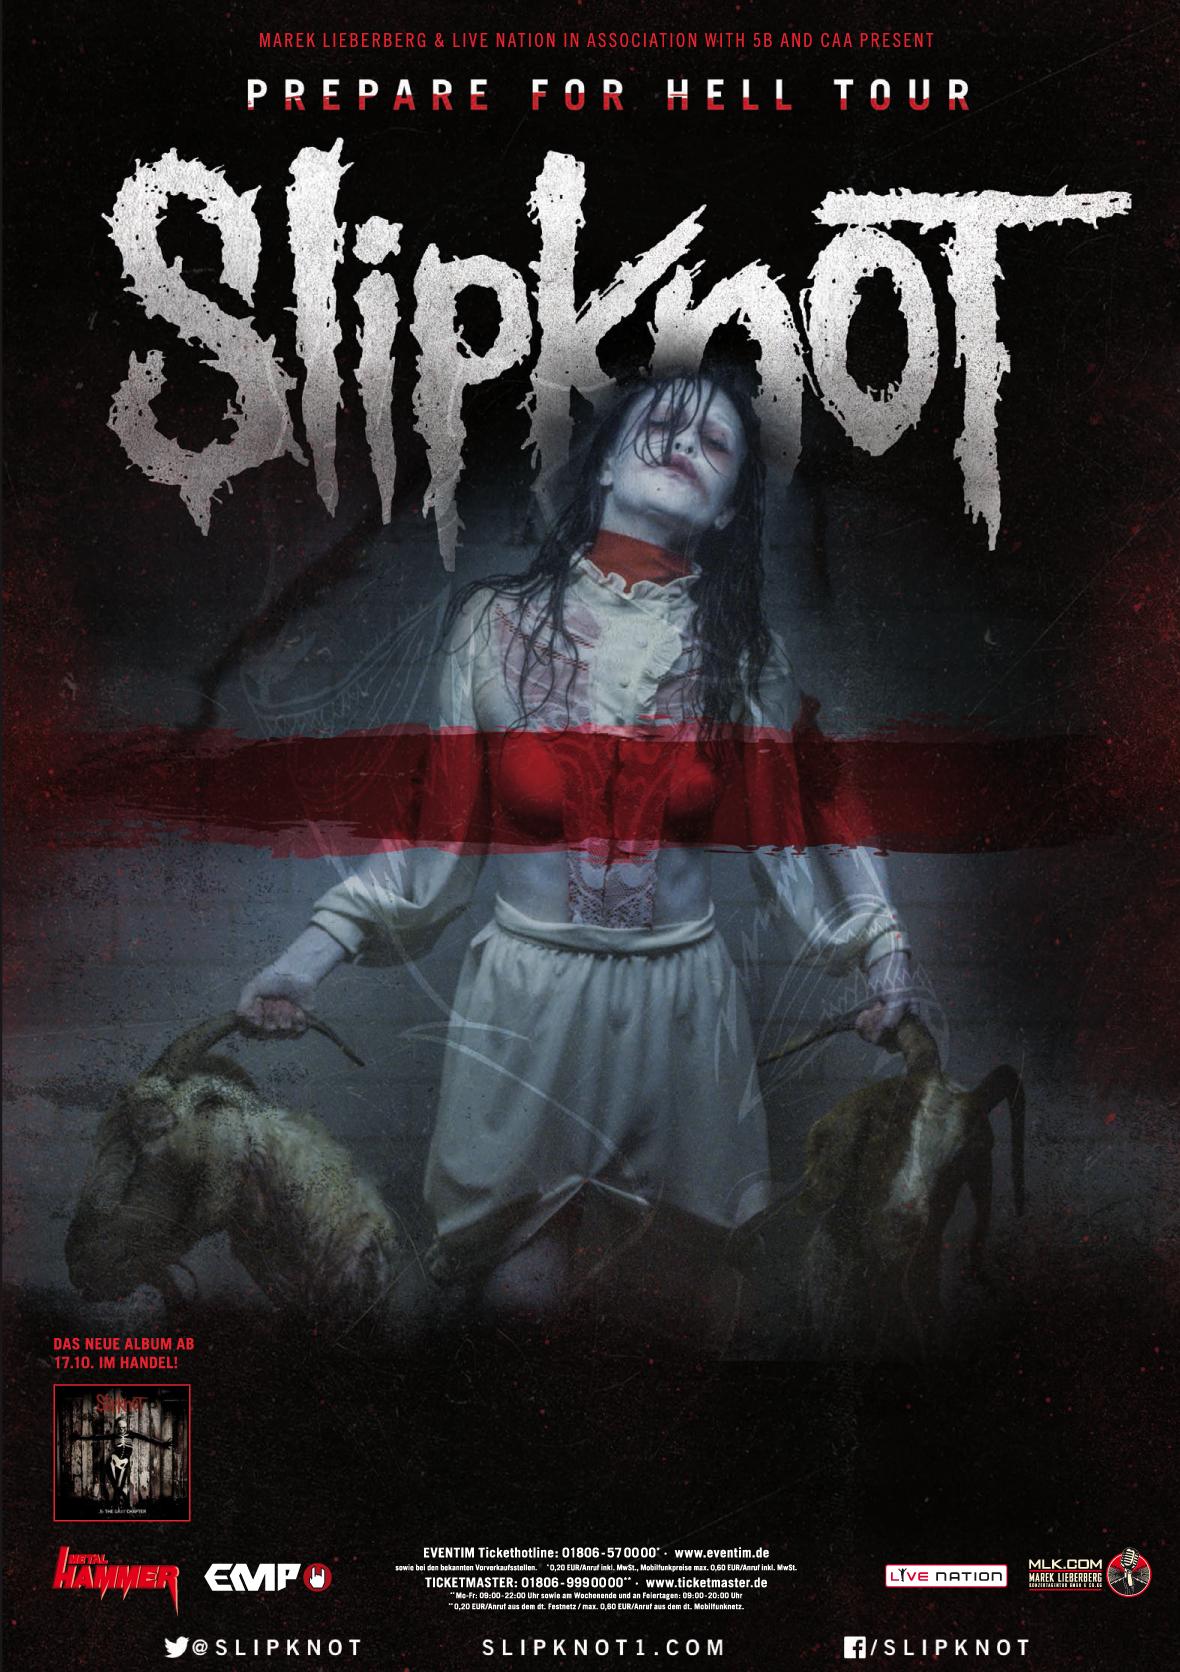 Pin von TicketmasterDE auf Tourposter in 2019 | Slipknot, Musik und